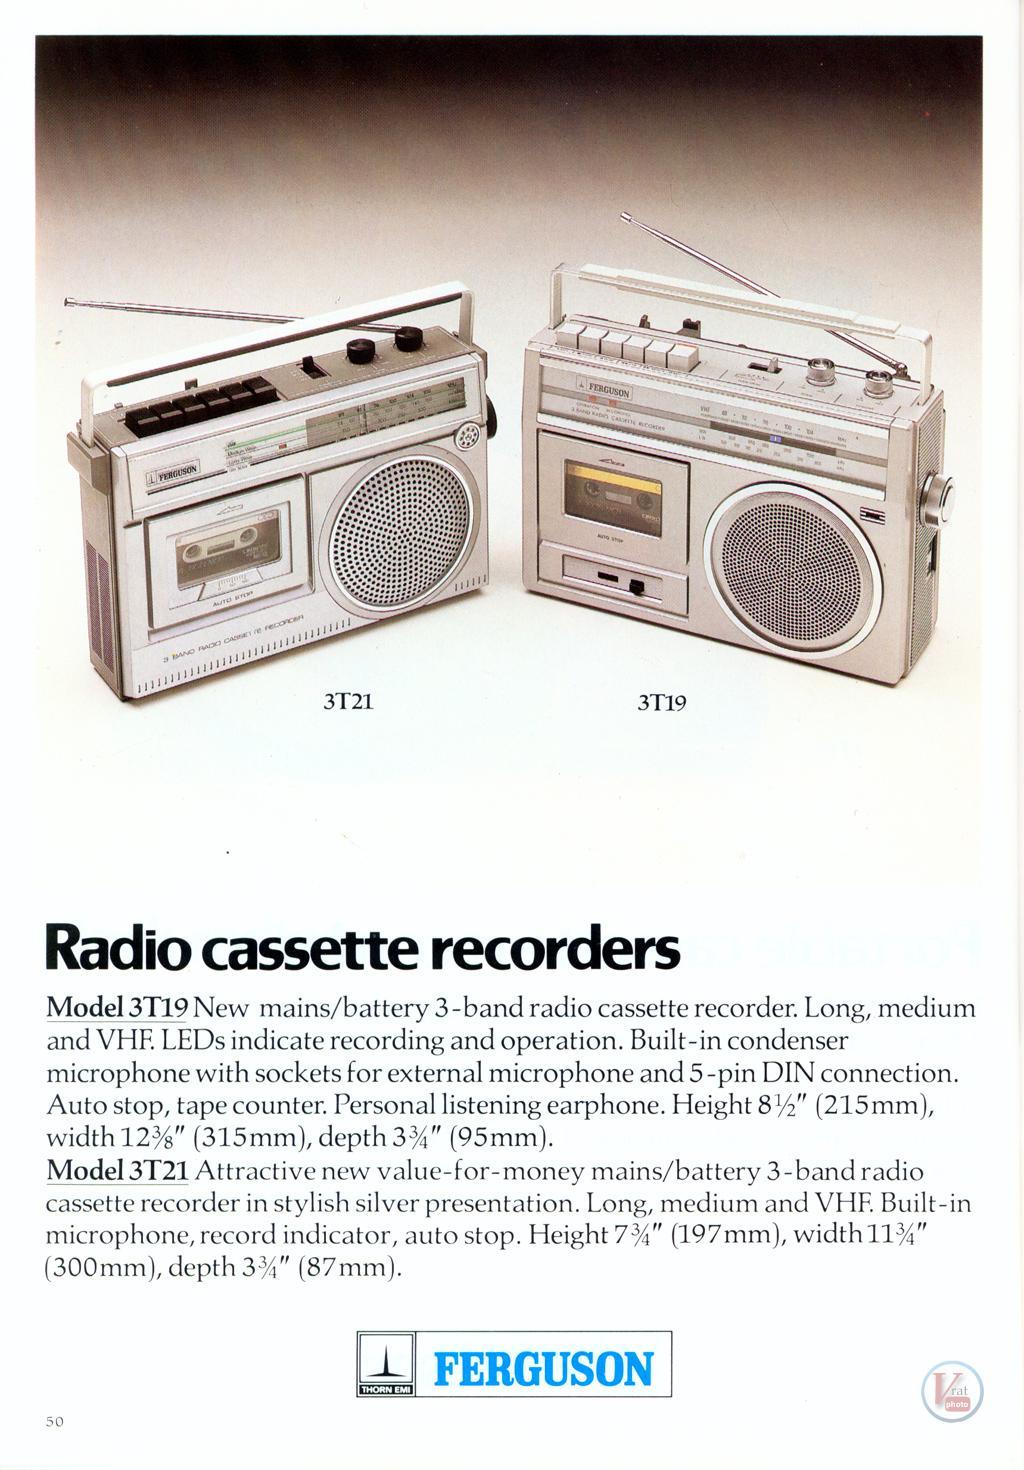 Ferguson Cassette 25